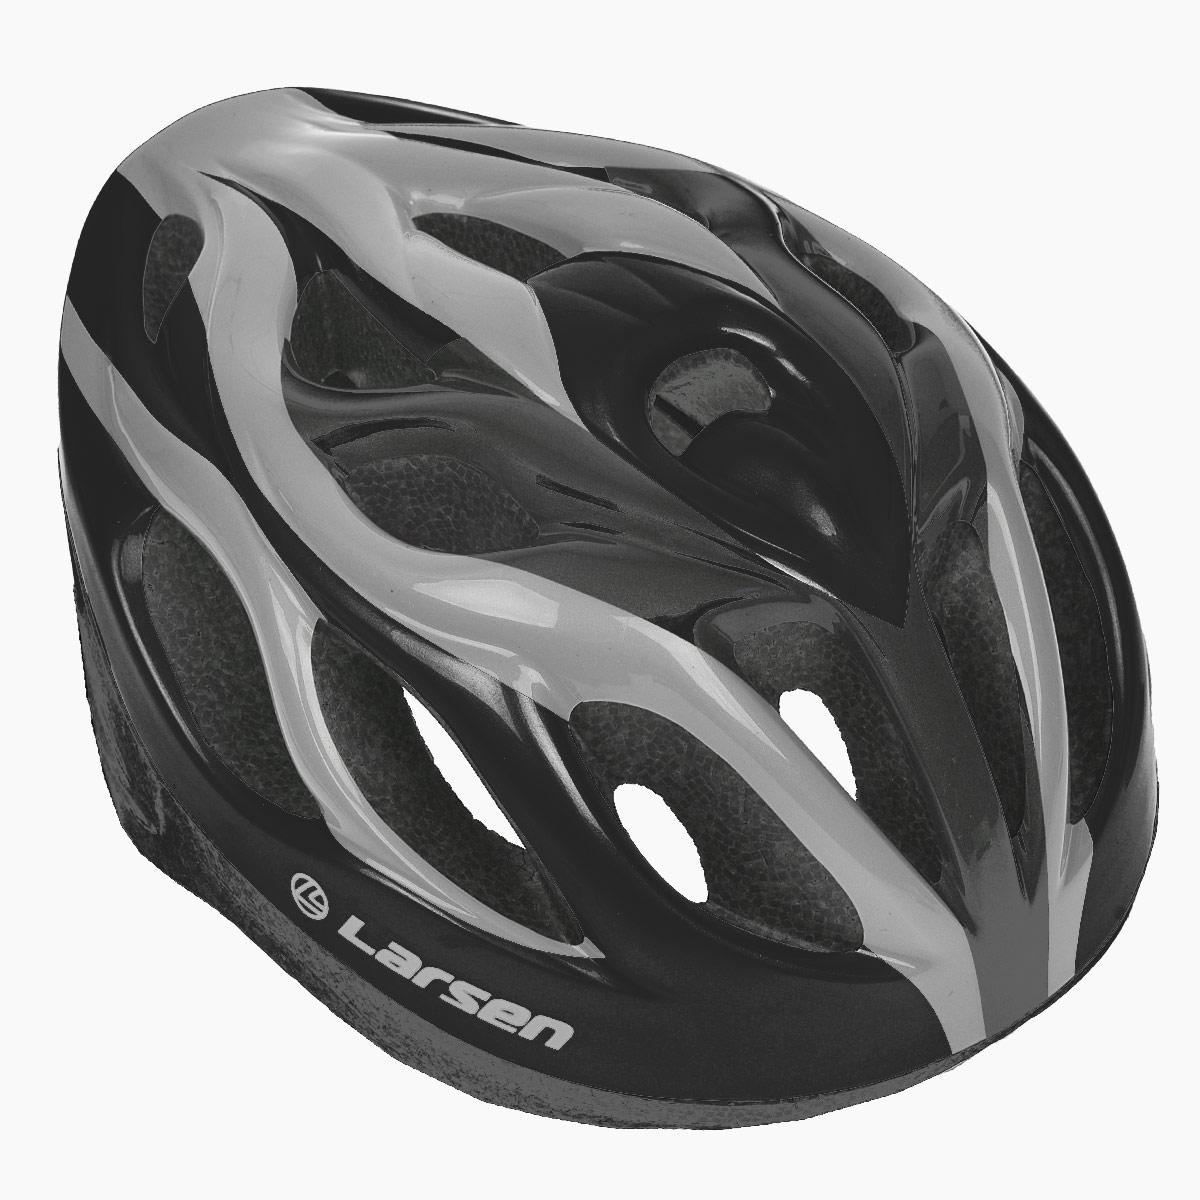 Шлем роликовый Larsen H3BW, цвет: черный, серебристый. Размер L (54-57 см)202511Надежный роликовый шлем Larsen H3BW сделает ваш активный отдых безопасным. Шлем выполнен из прочного пластика и отлично защищает от травм. Внутренняя сторона шлема оснащена мягкими текстильными накладками, которые обеспечивают надежное прилегание шлема и комфорт при использовании. Шлем имеет систему систему вентиляции. Он отлично сядет по голове, благодаря регулируемым ремешкам и практичному механическому регулятору. Роликовый шлем станет незаменимым дополнением для полноценного летнего отдыха и занятия активными видами спорта.